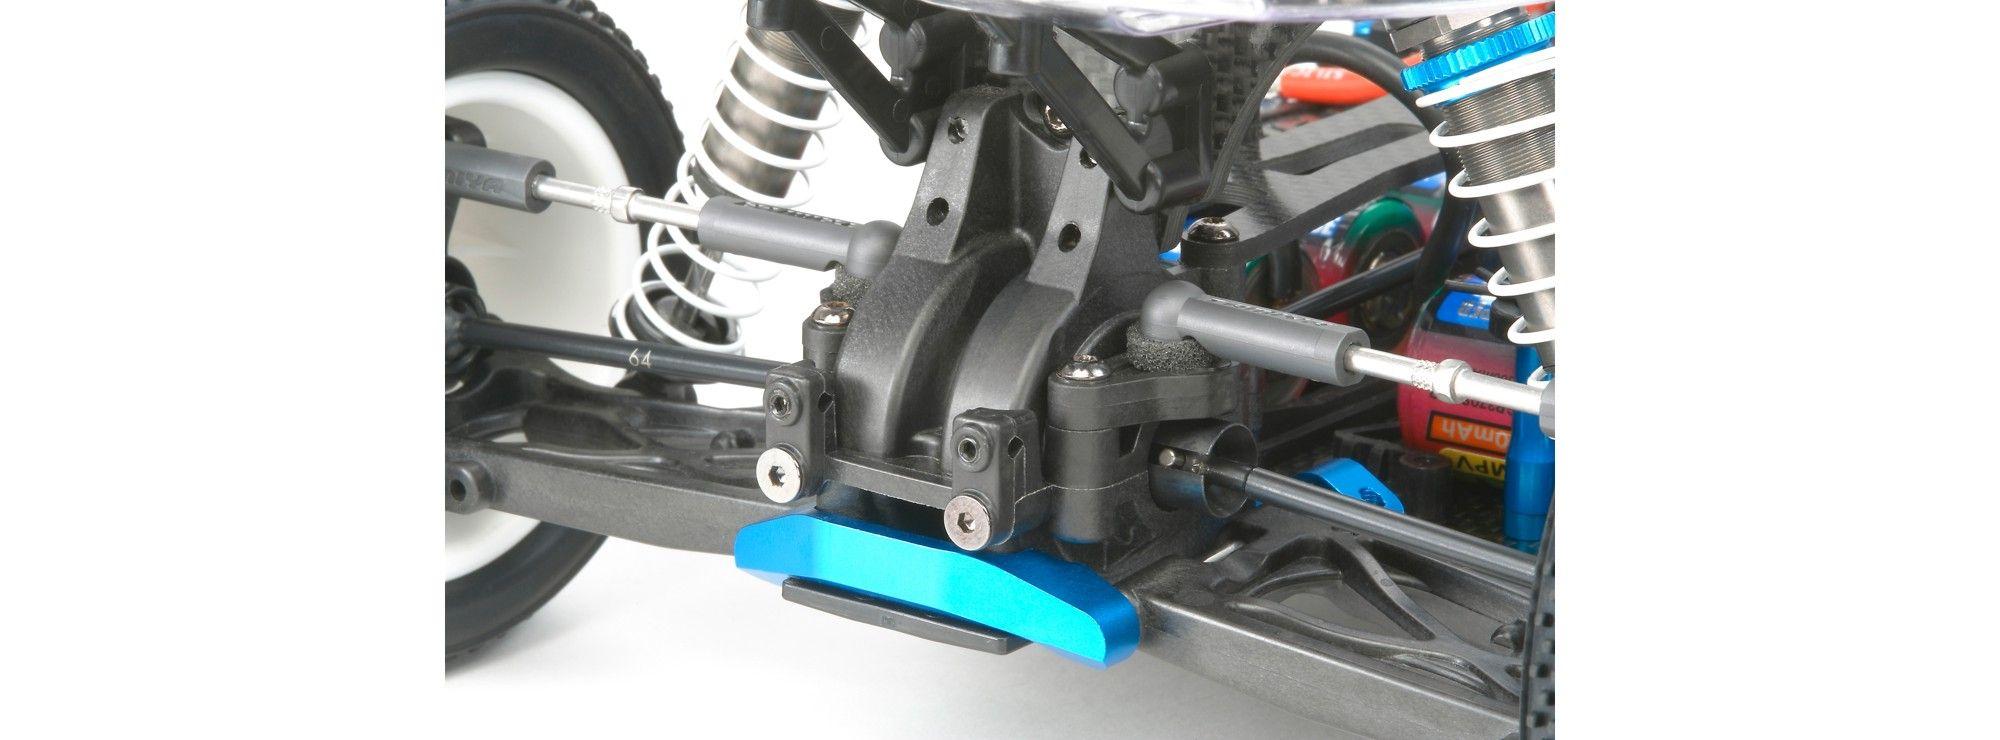 ausverkauft | TAMIYA 42183 TRF502X Buggy Chassis Kit | Bausatz 1:10 mit  Karosserie